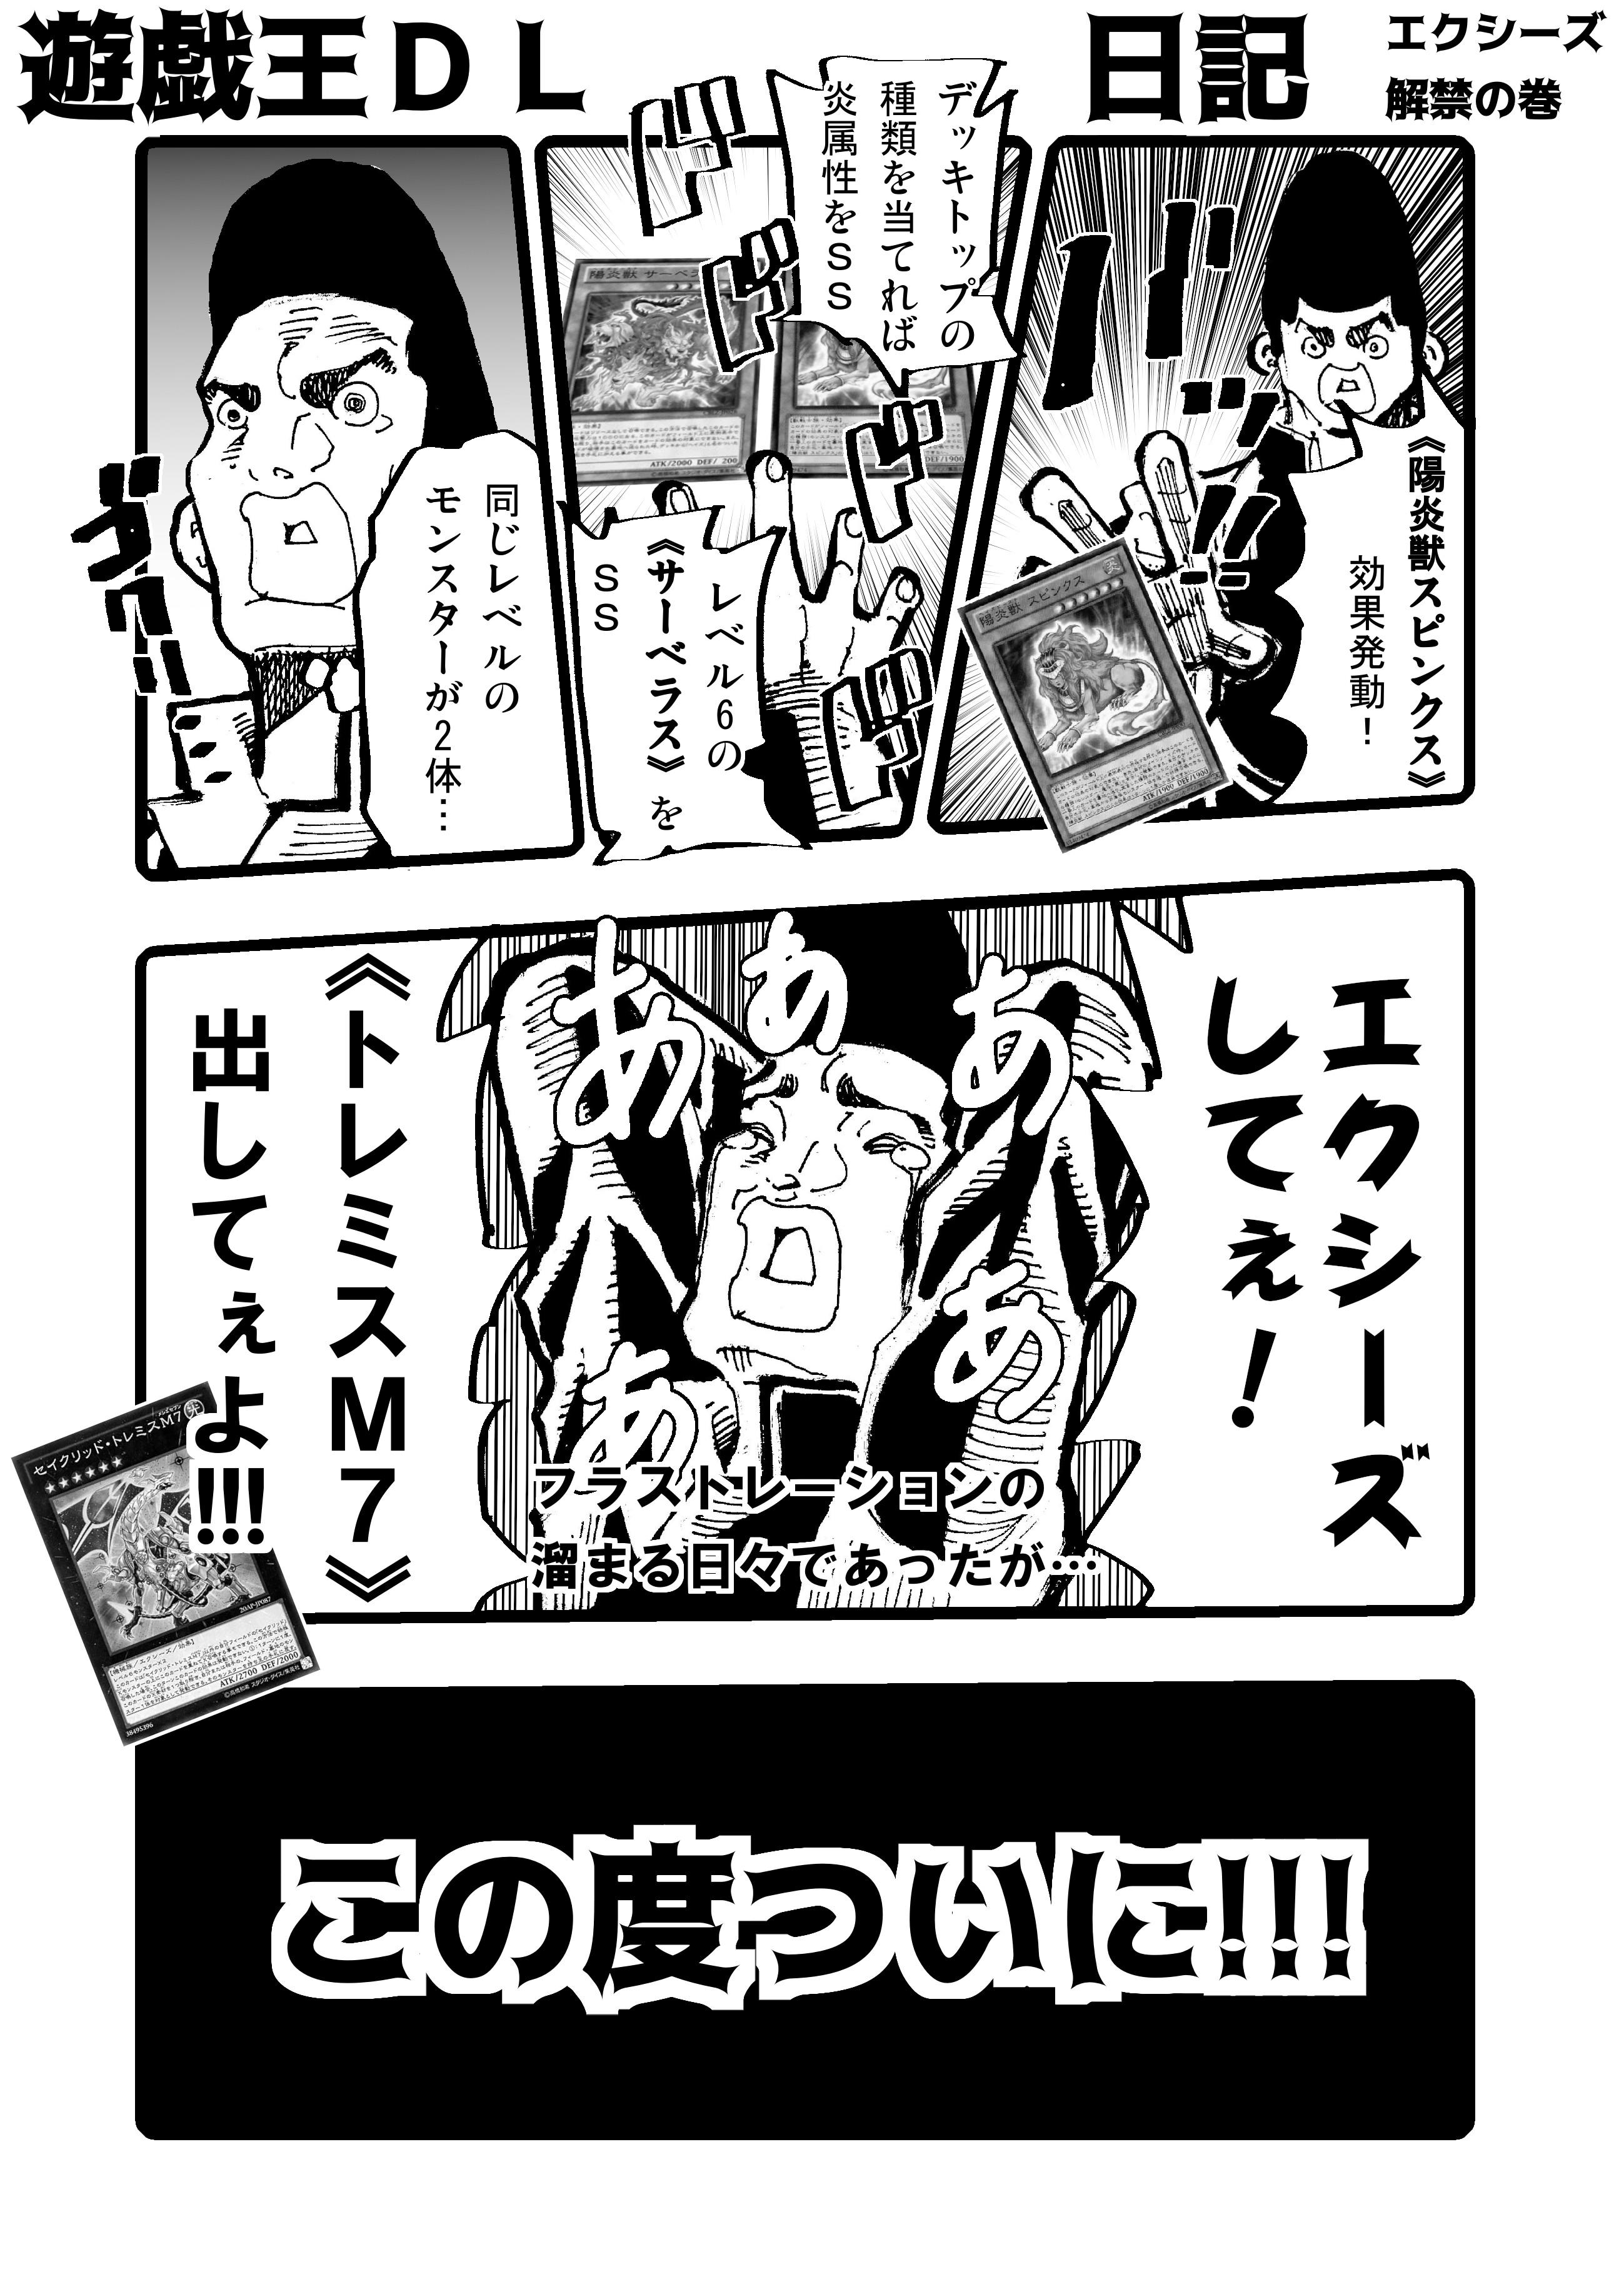 遊戯王デュエルリンクス日記57 エクシーズ解禁の巻